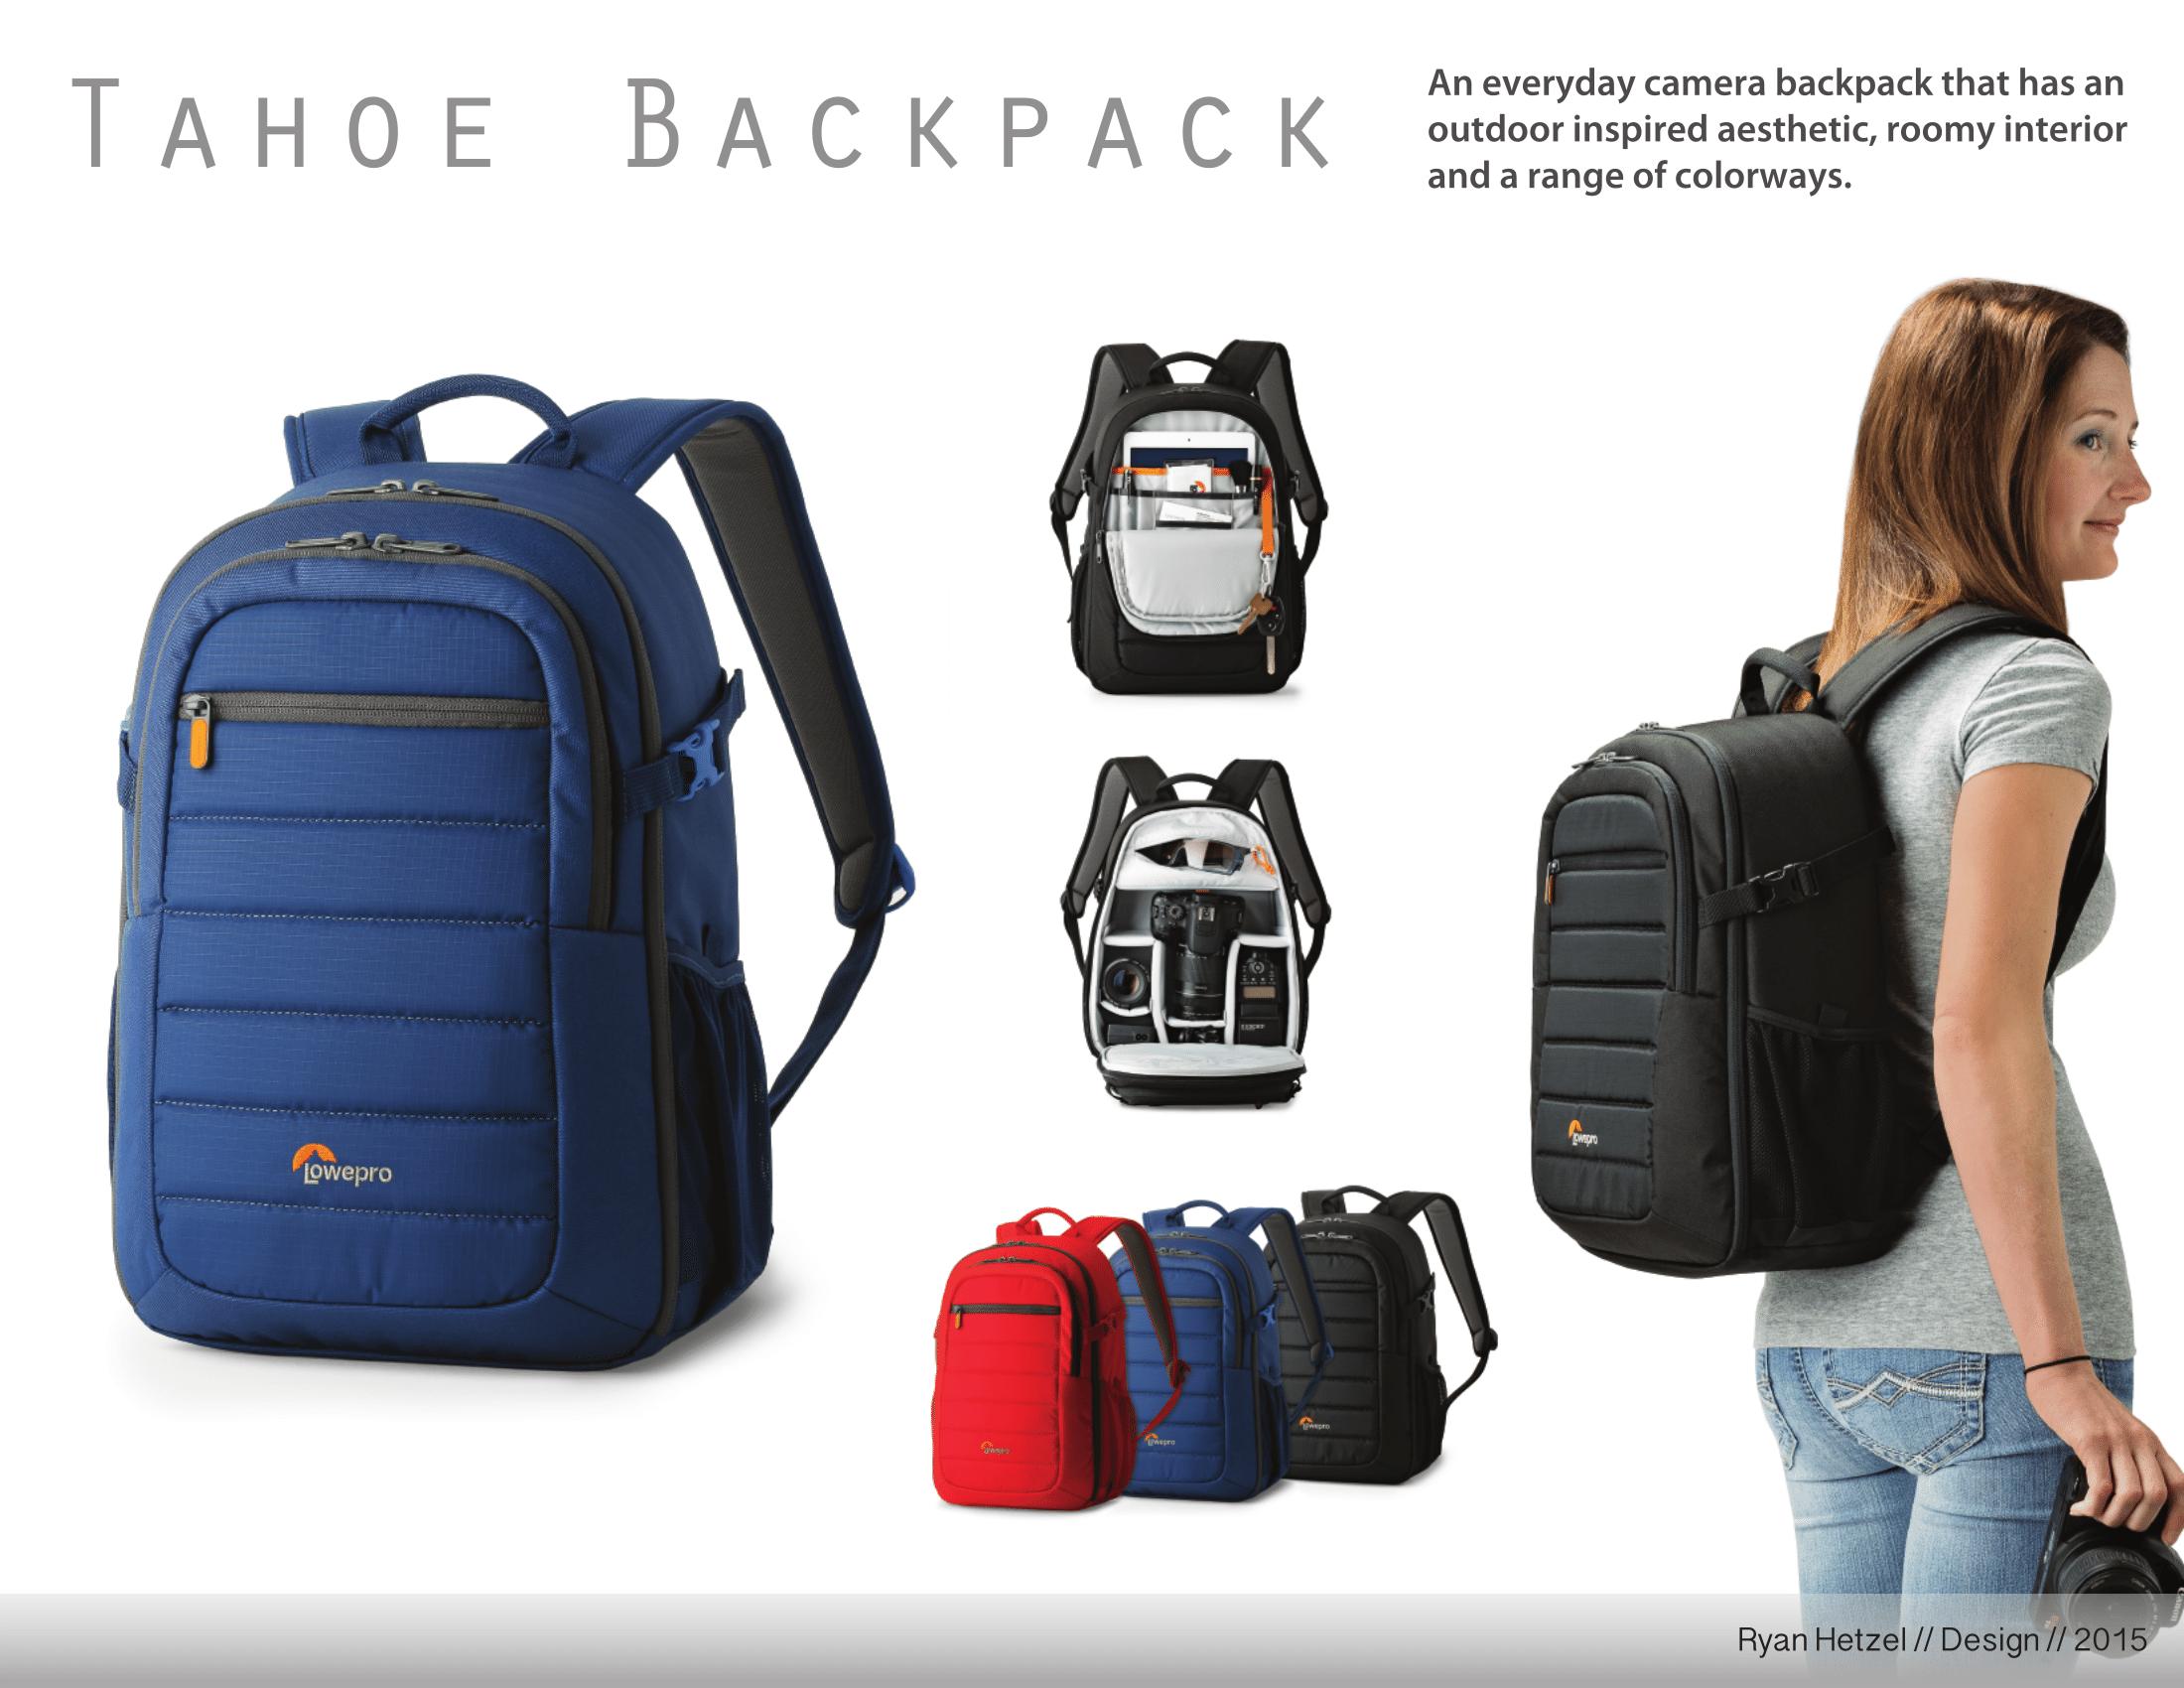 Tahoe+Backpack+Presentation+V2-1.png